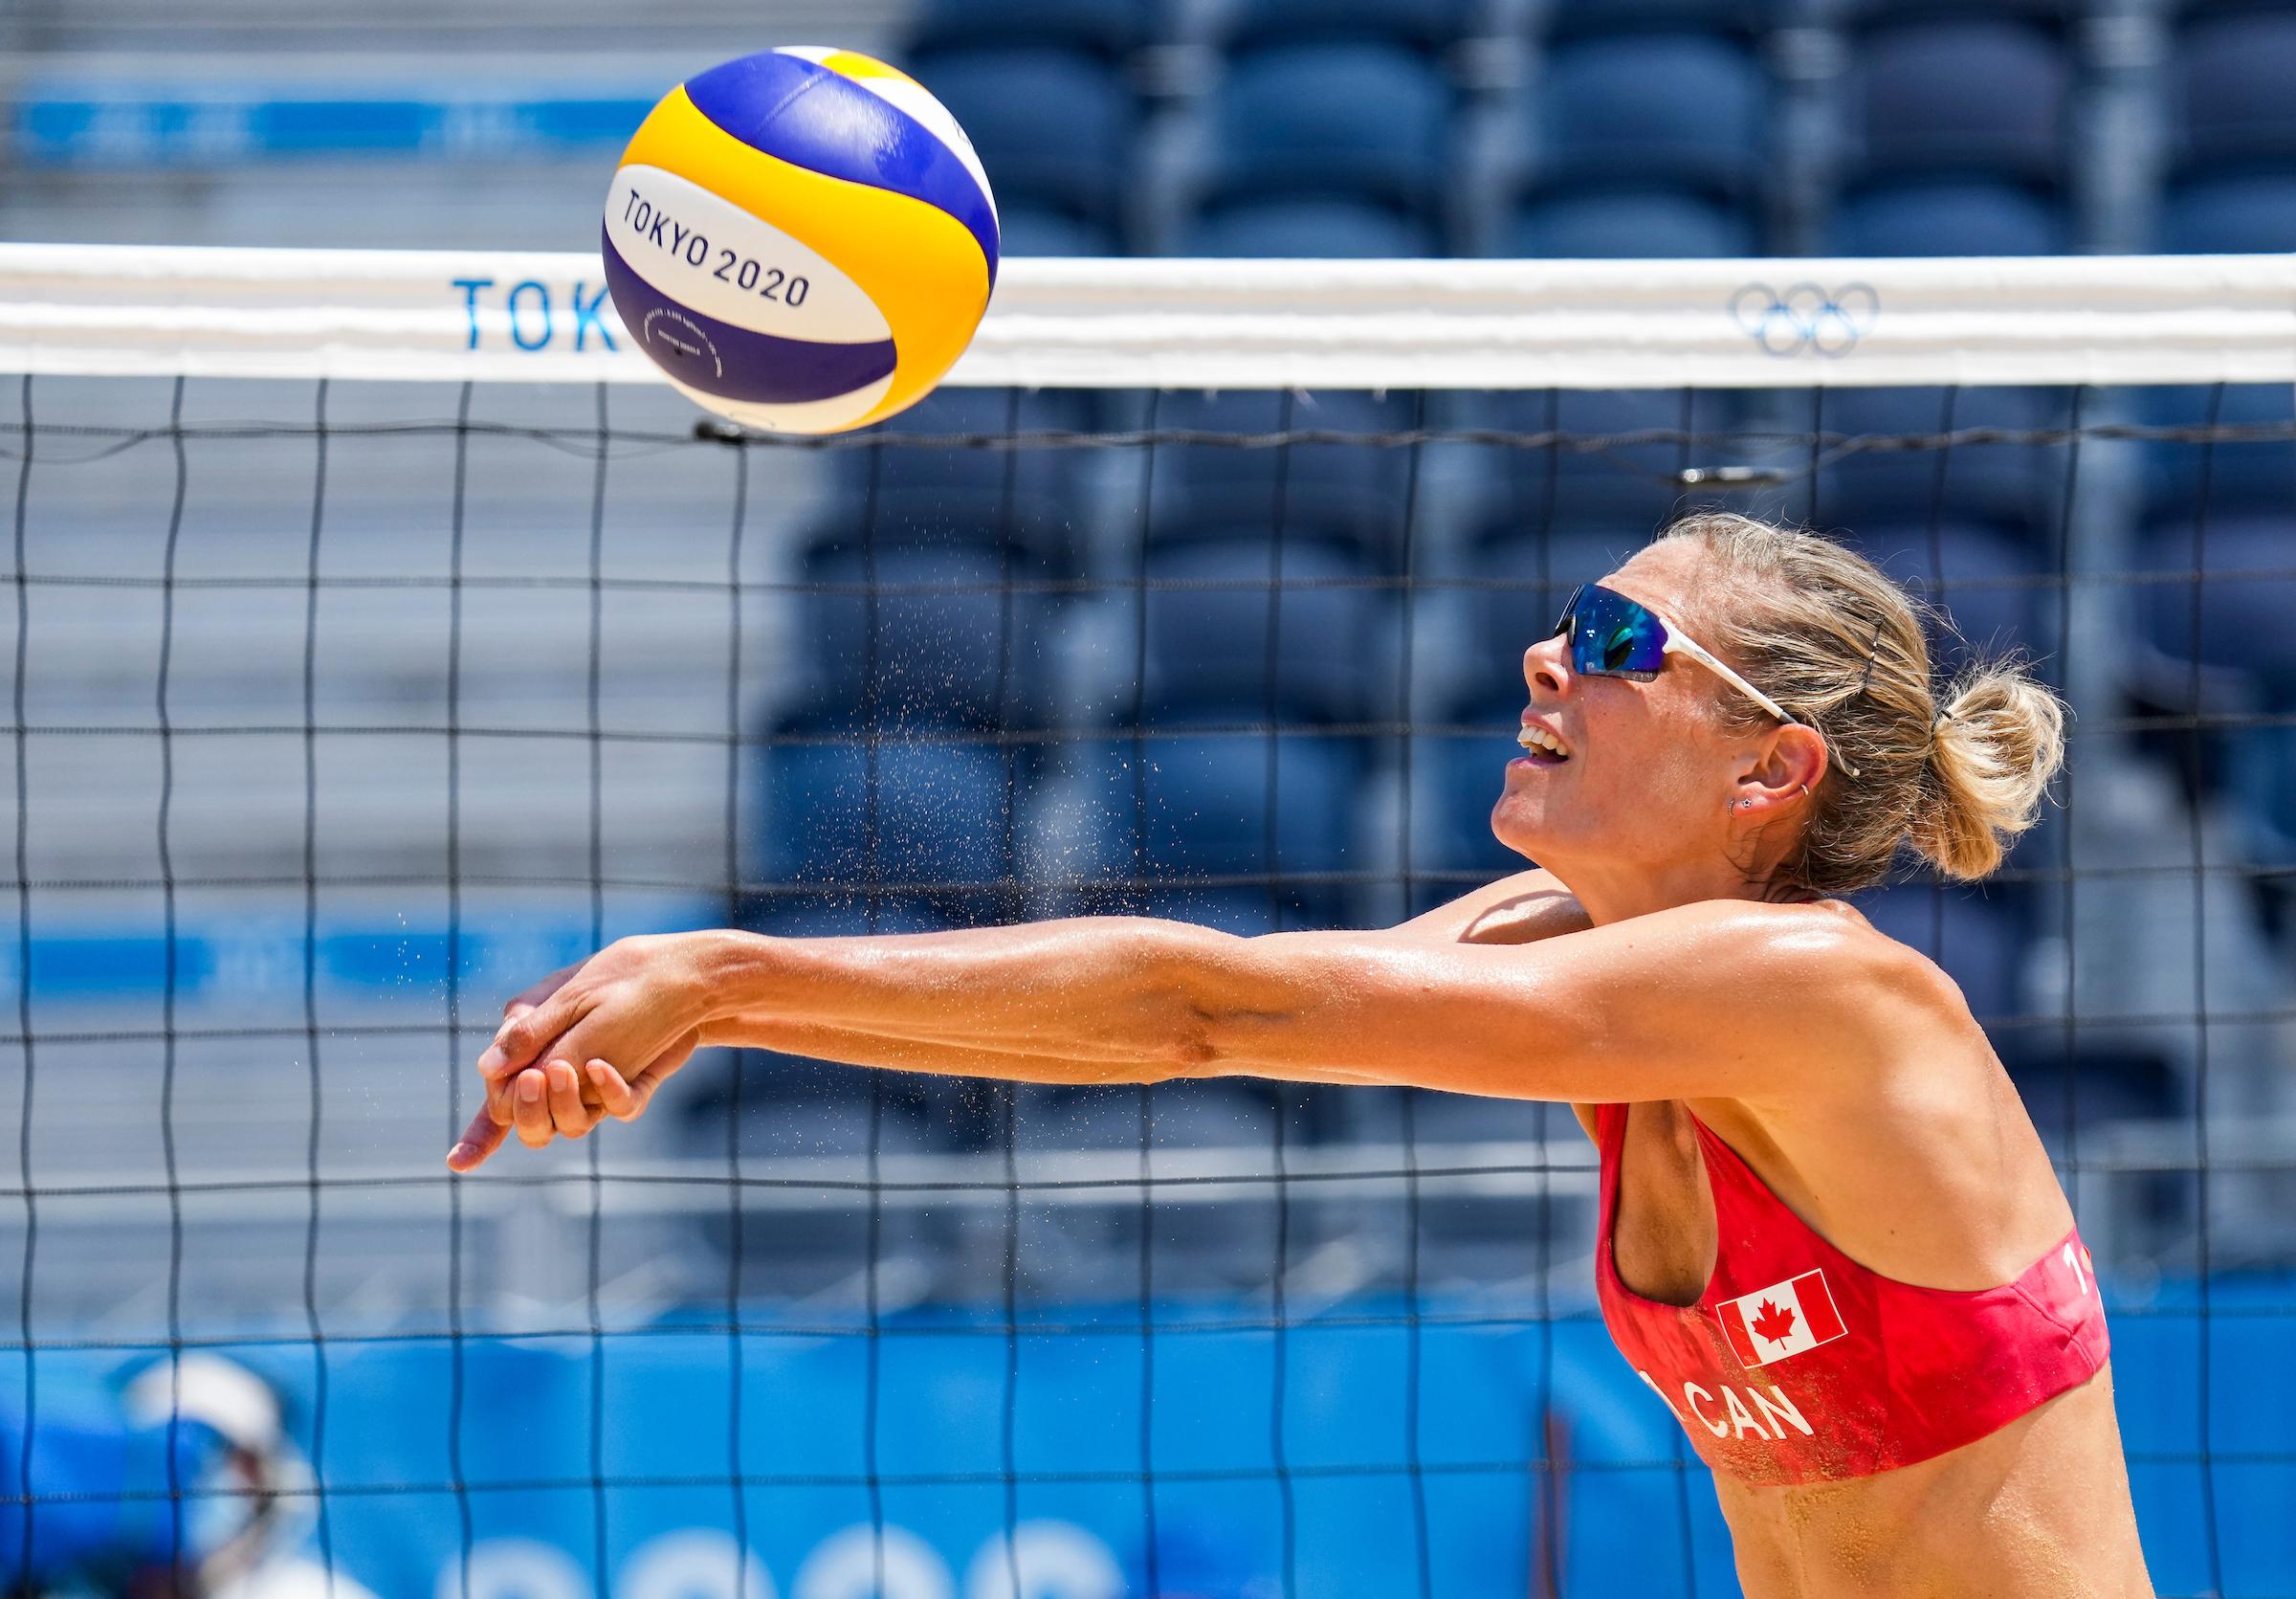 Beach volleyball player bumps a ball